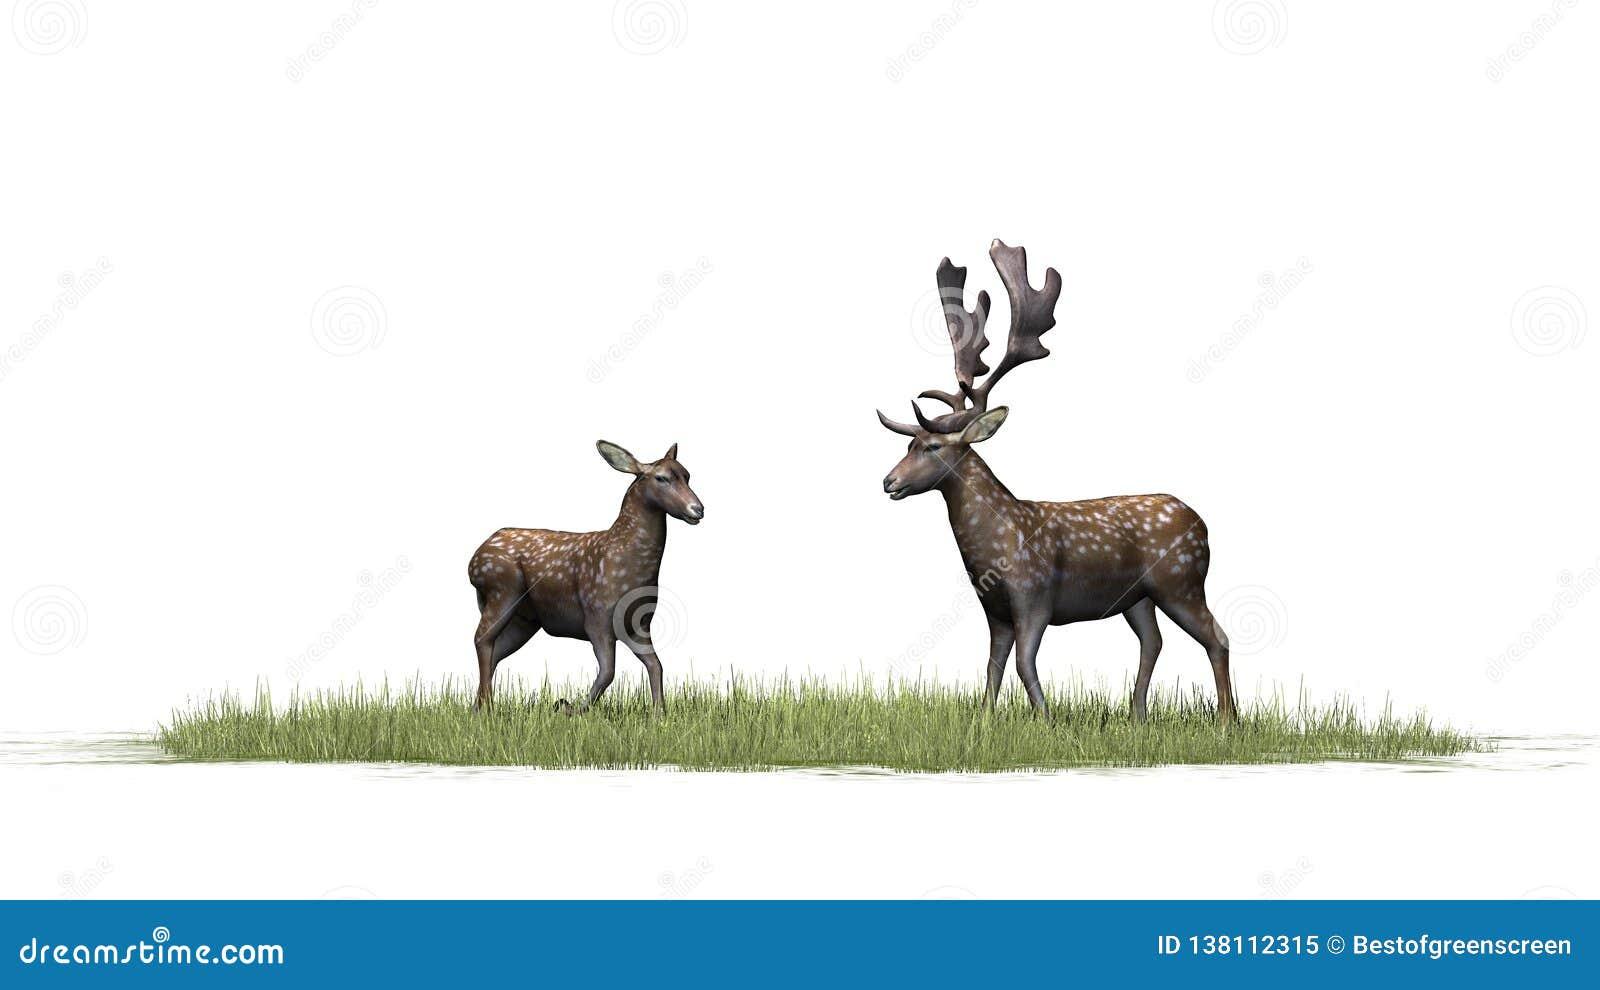 Ein schönes Paar Rotwild im grünen Gras